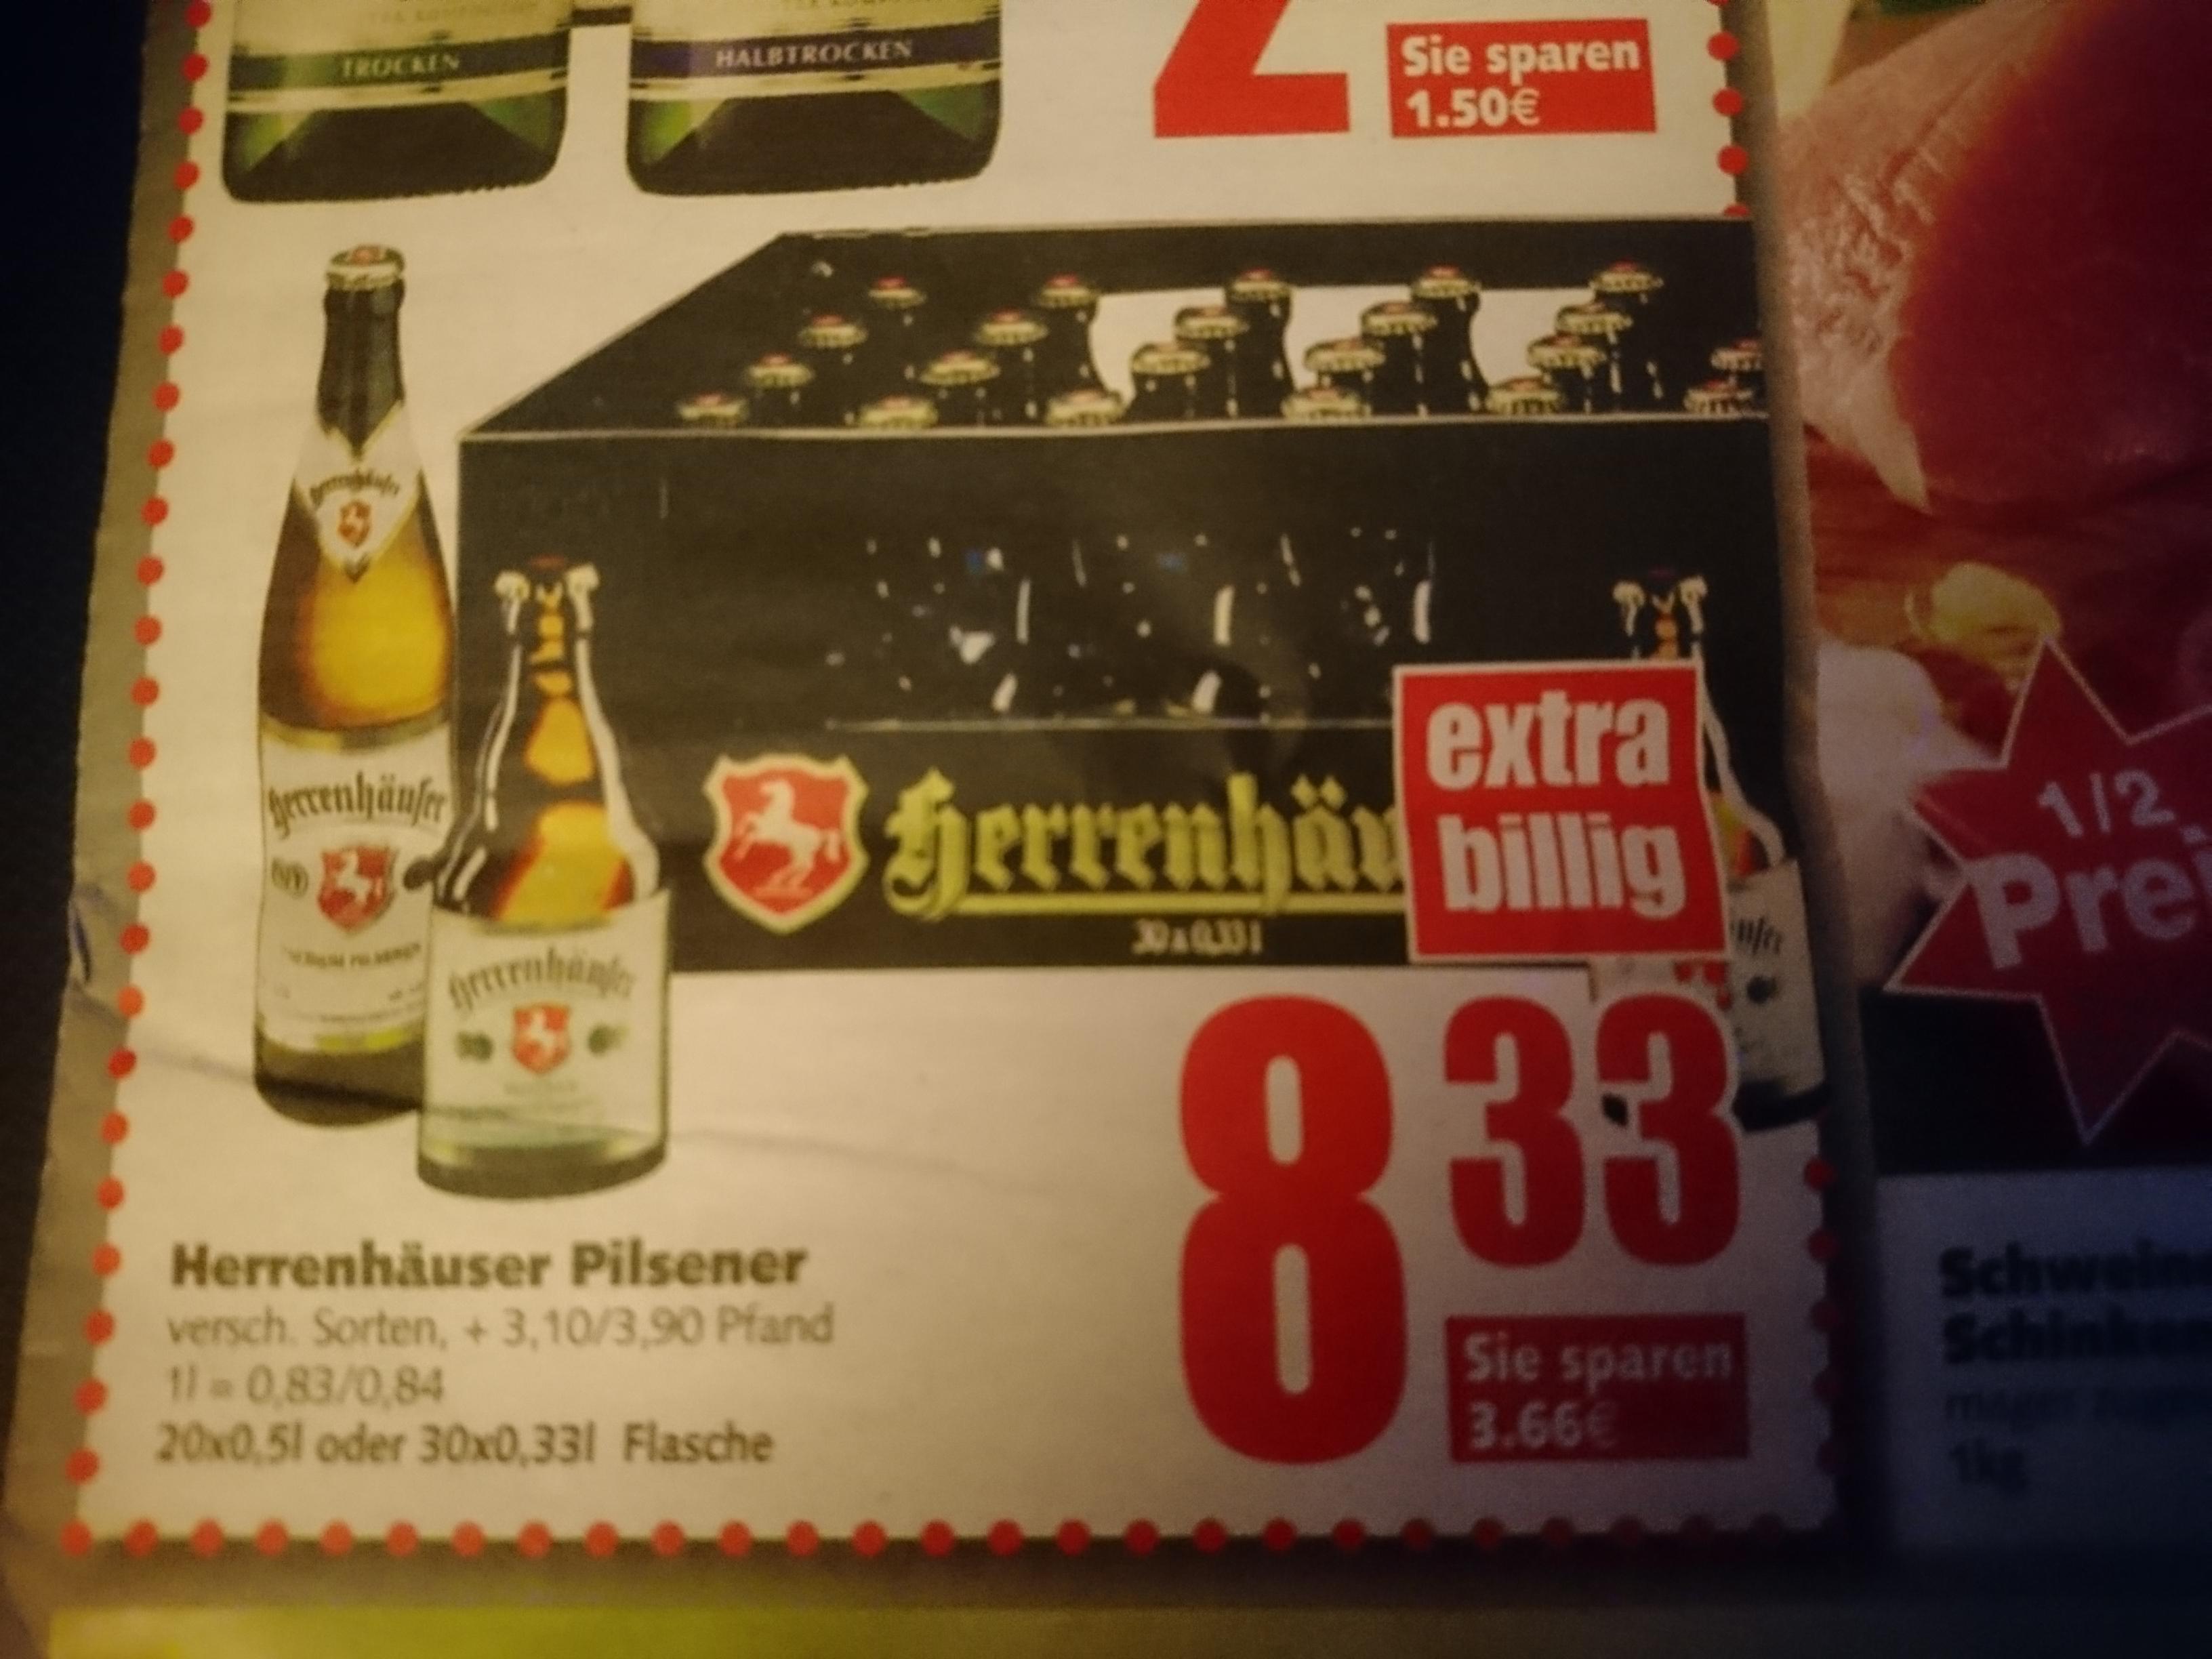 [Lokal E-Center Garbsen bei Hannover] Herrenhäuser Pilsener 30x0,33l Flasche bzw. 20x0,5l Flasche